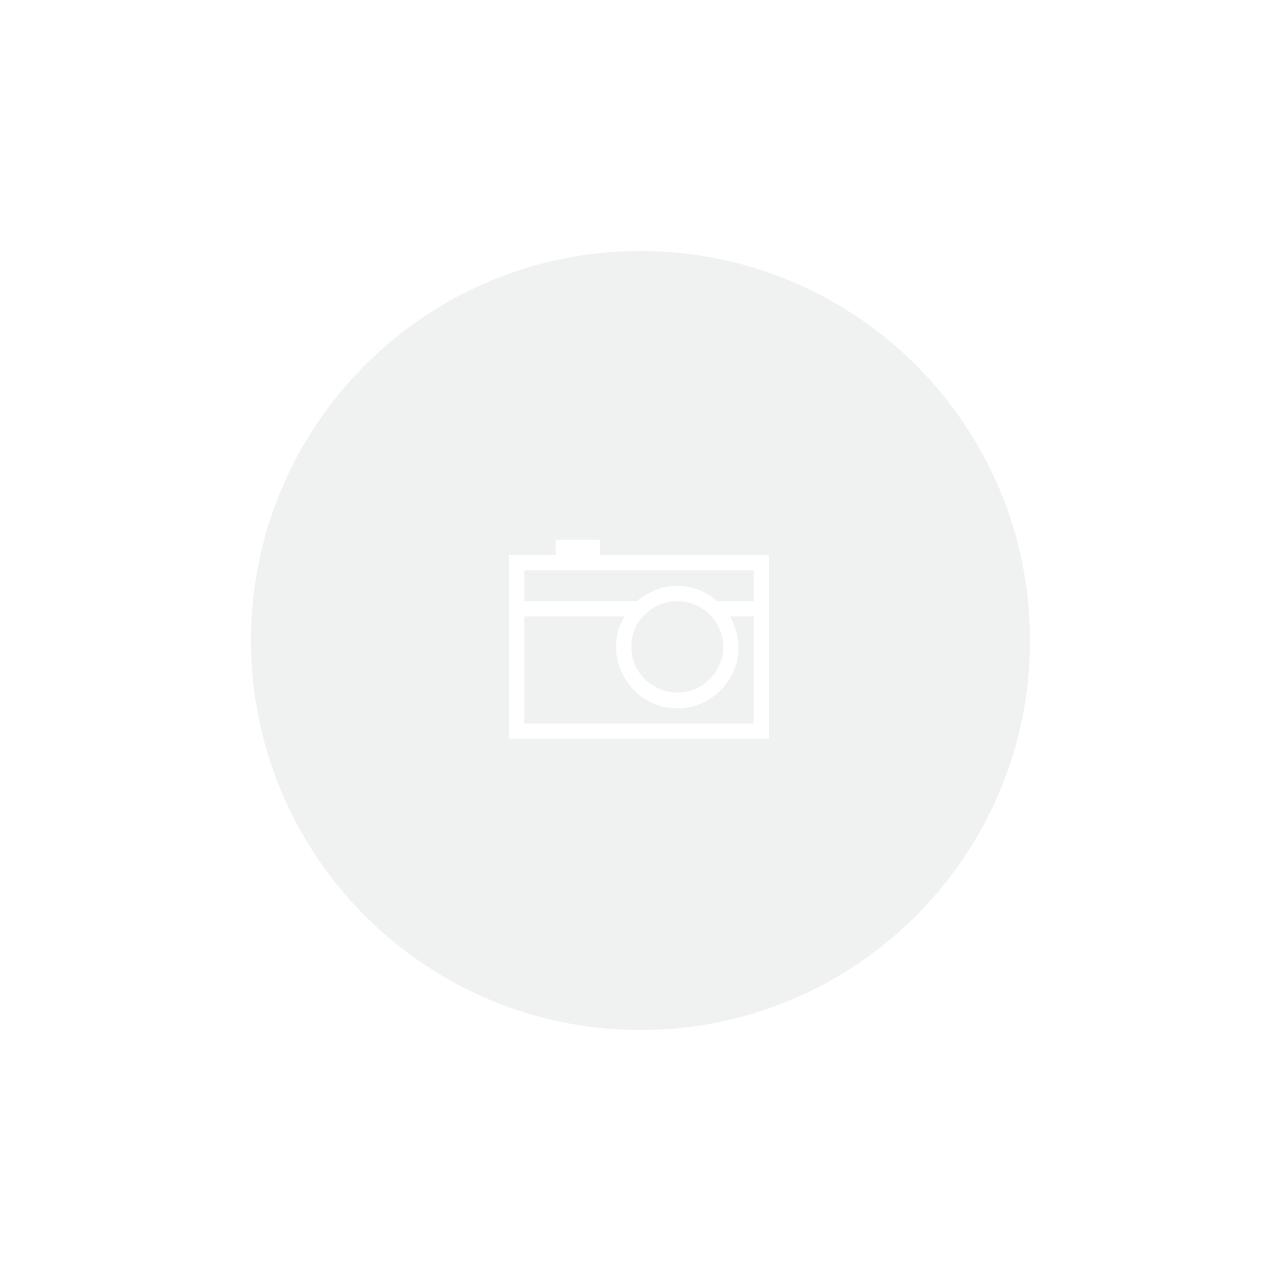 Lâmina de Tosa 5F - Oster